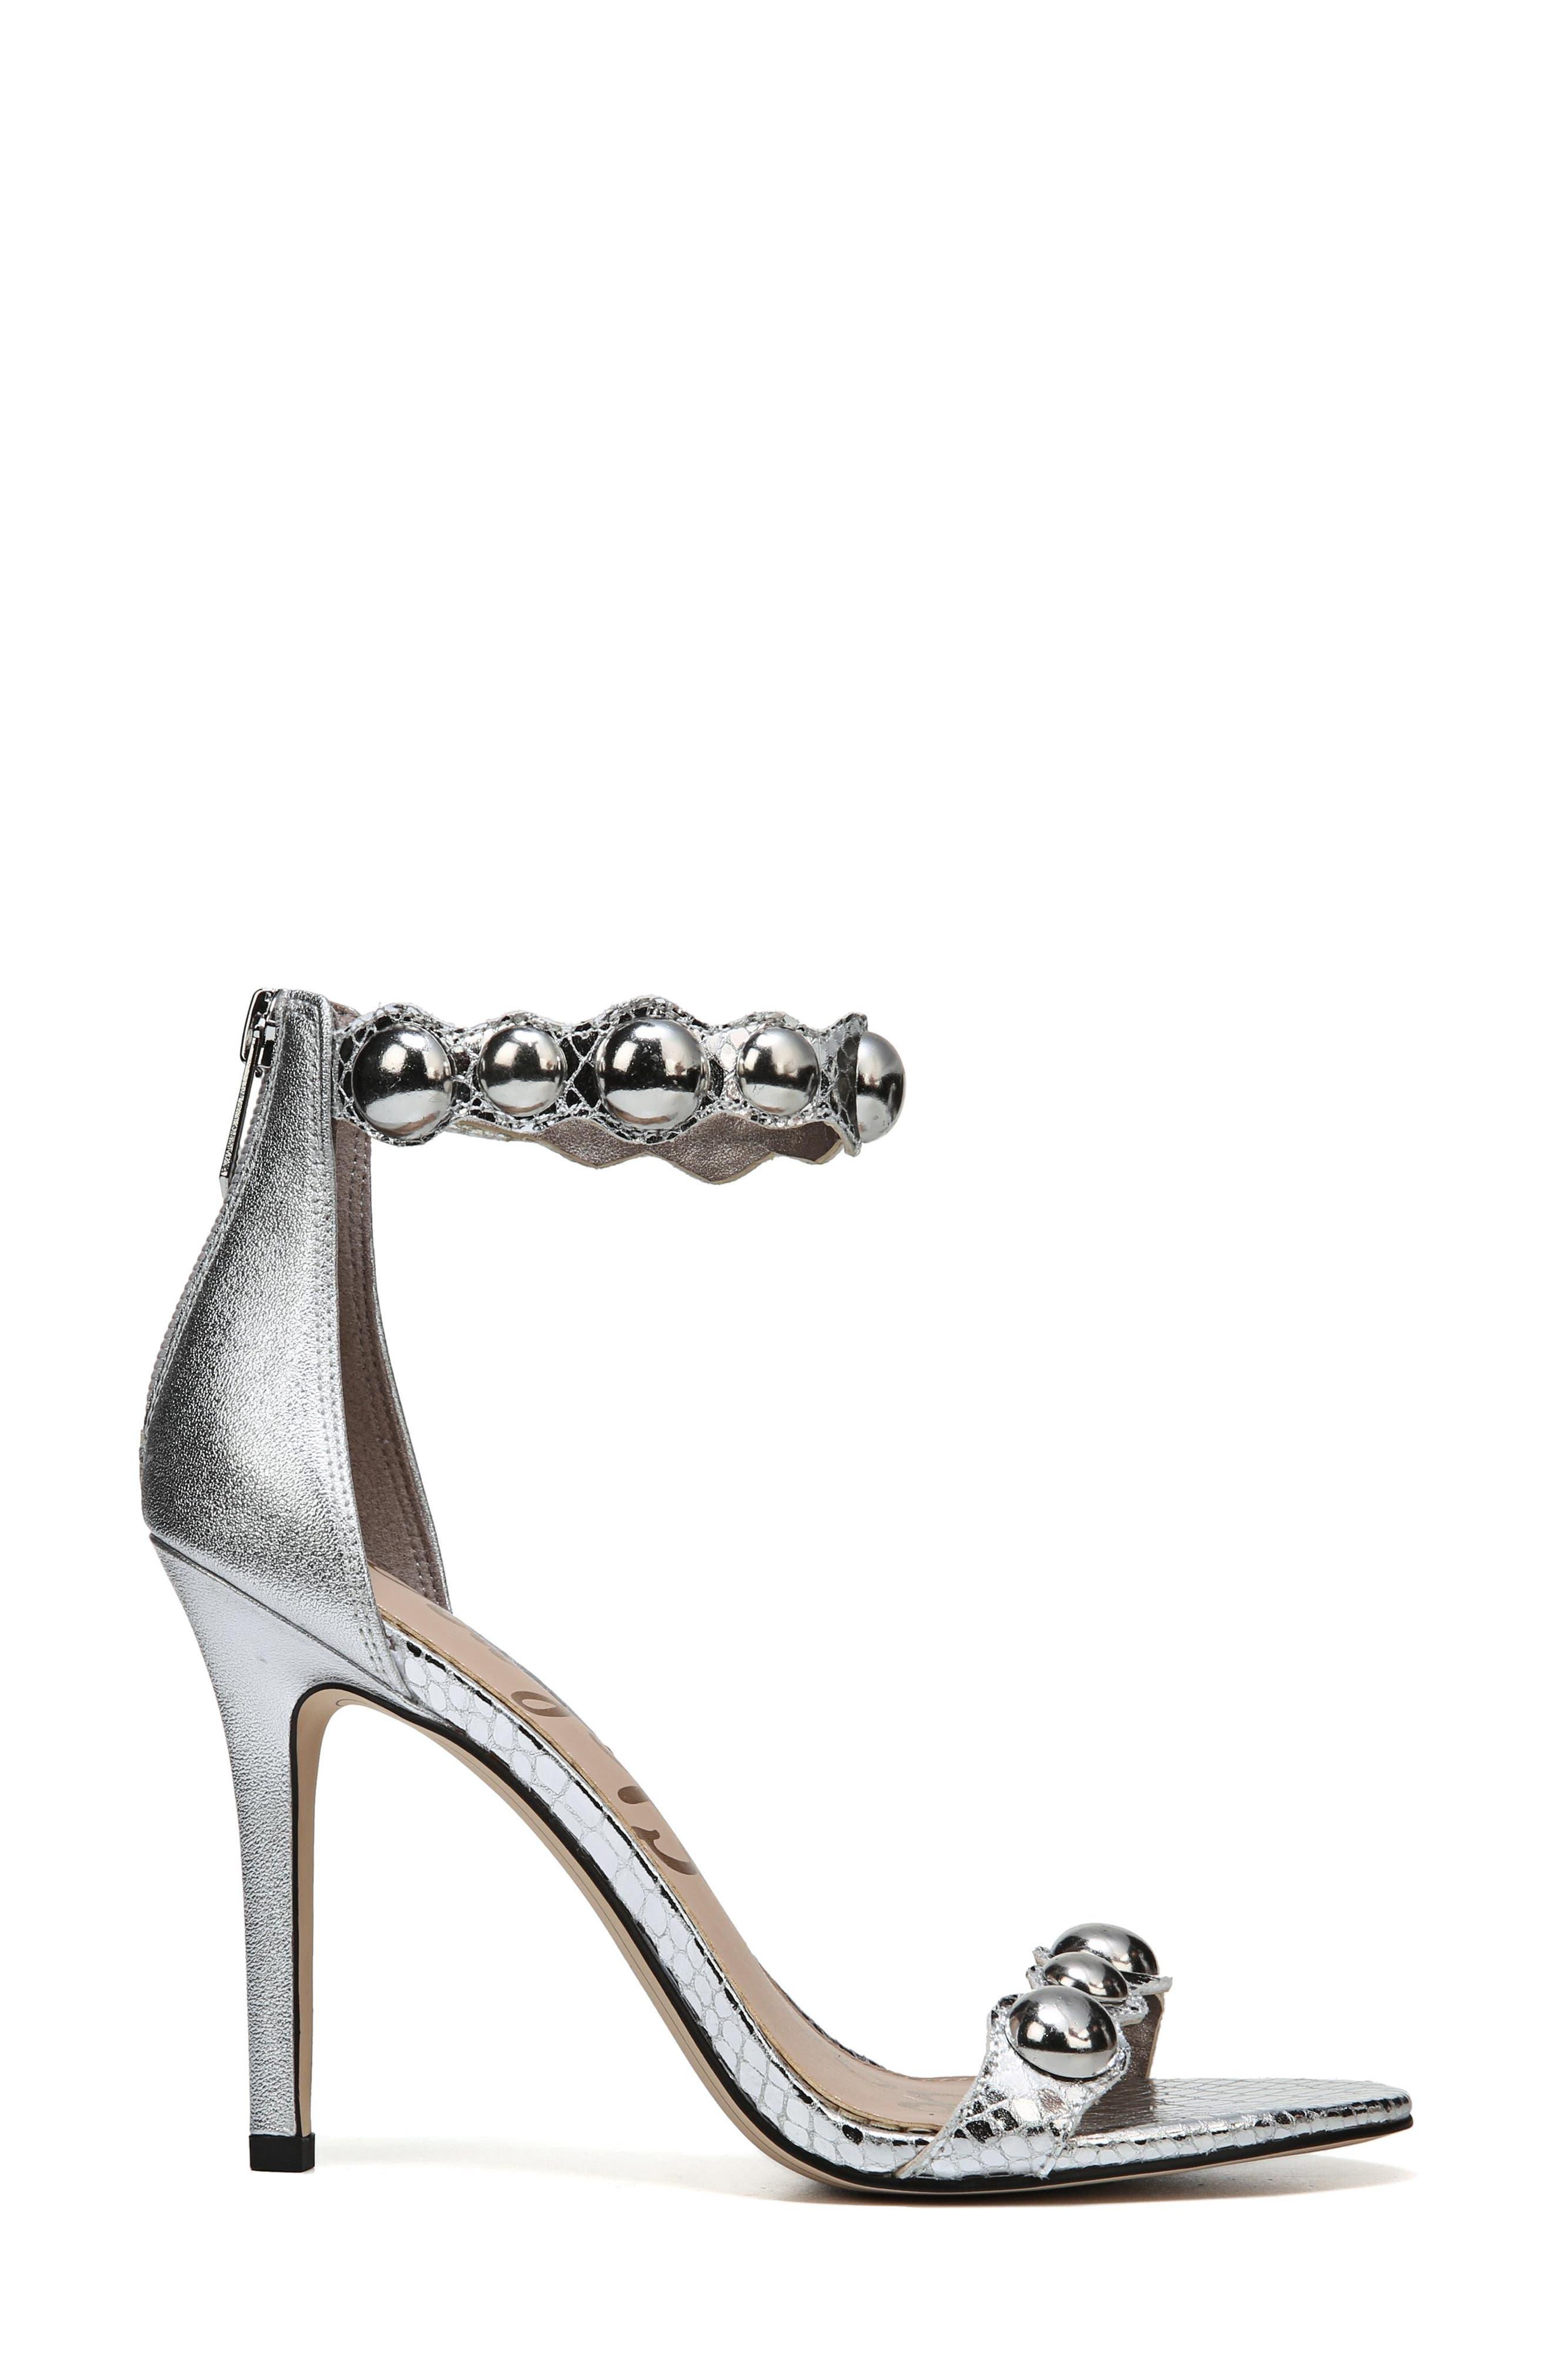 Sam Edelmen Addison Embellished Ankle Strap Sandal,                             Alternate thumbnail 3, color,                             Soft Silver